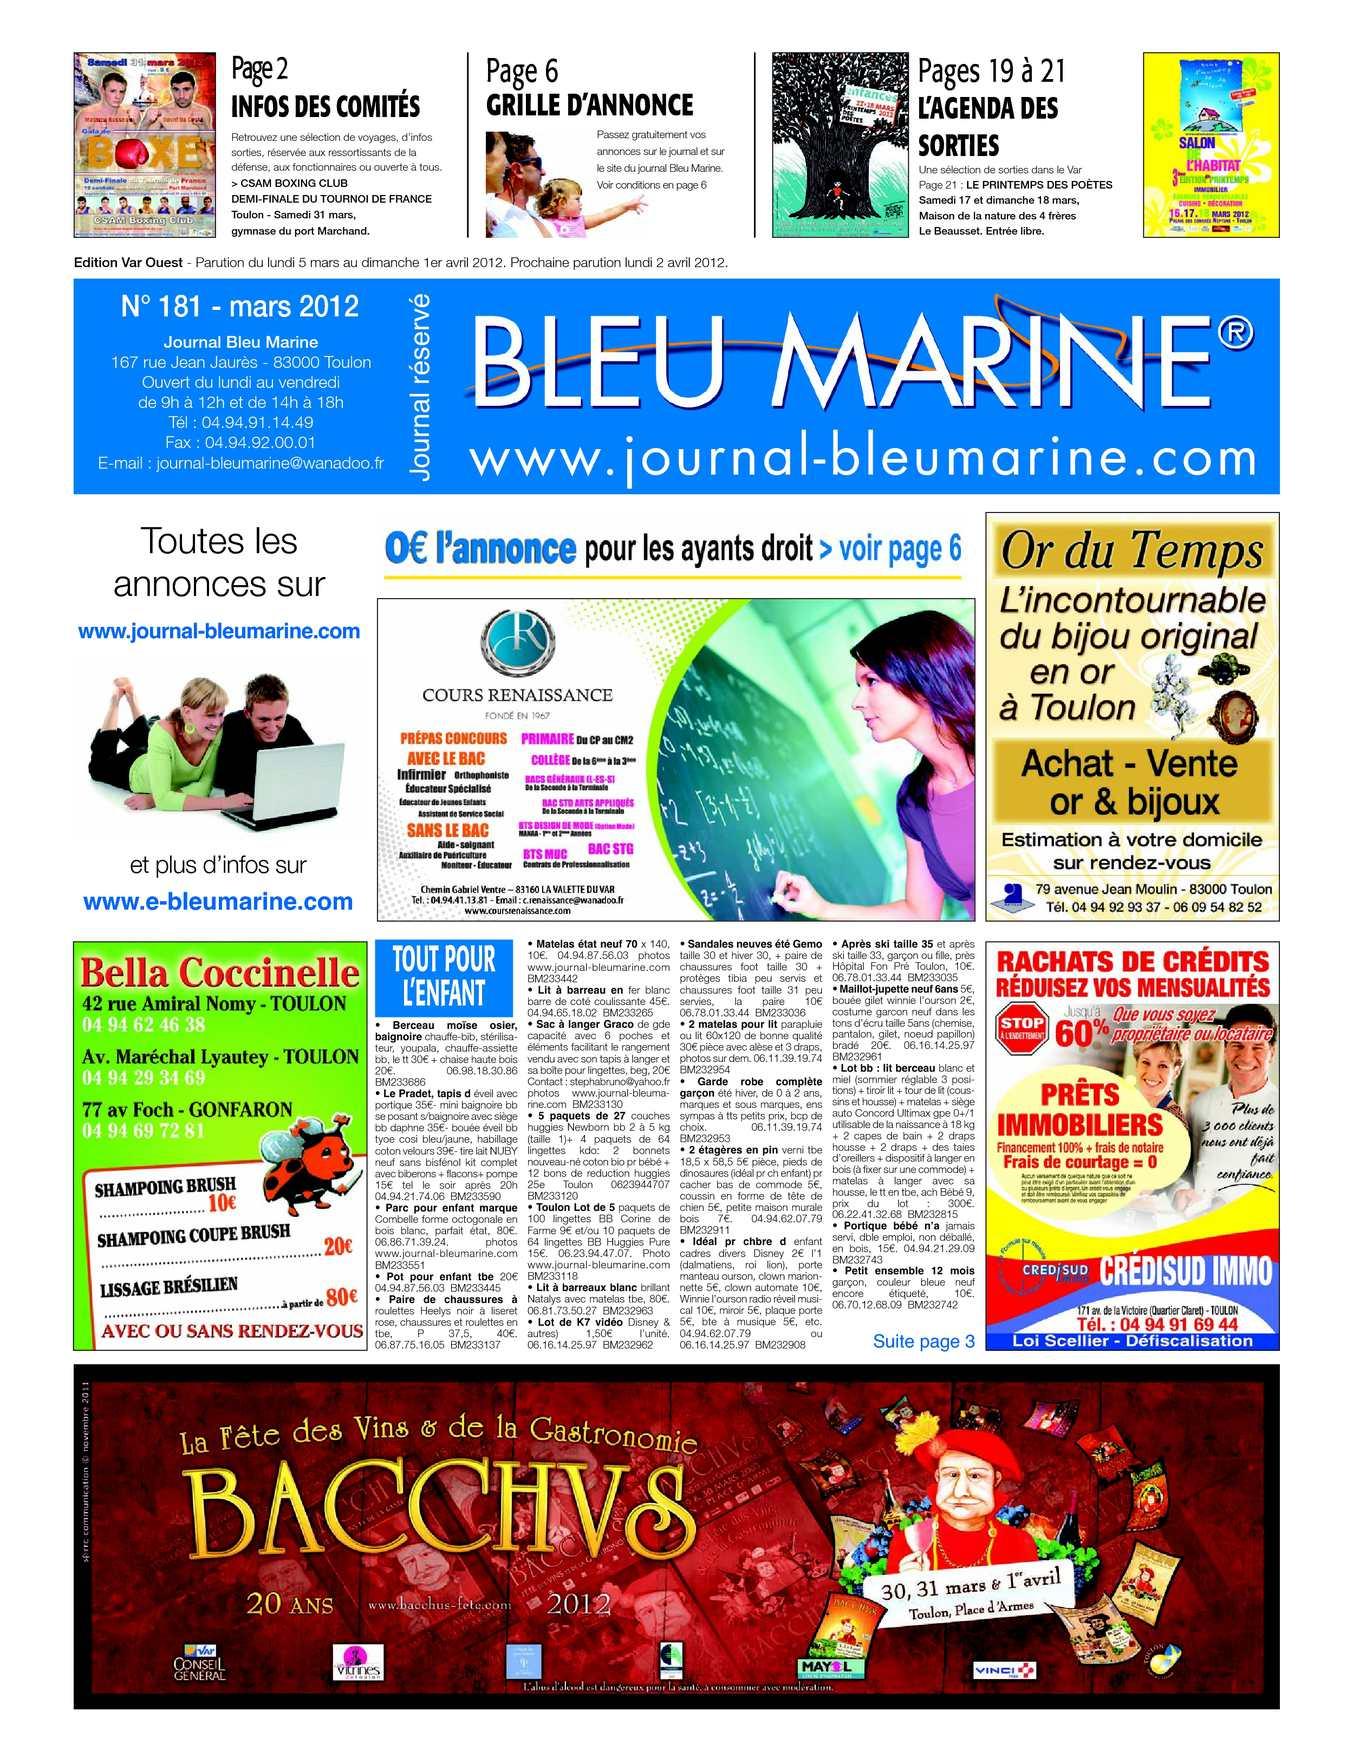 Calaméo - Journal Bleu Marine n°181 Mars 2012 9cf1d02dcaa